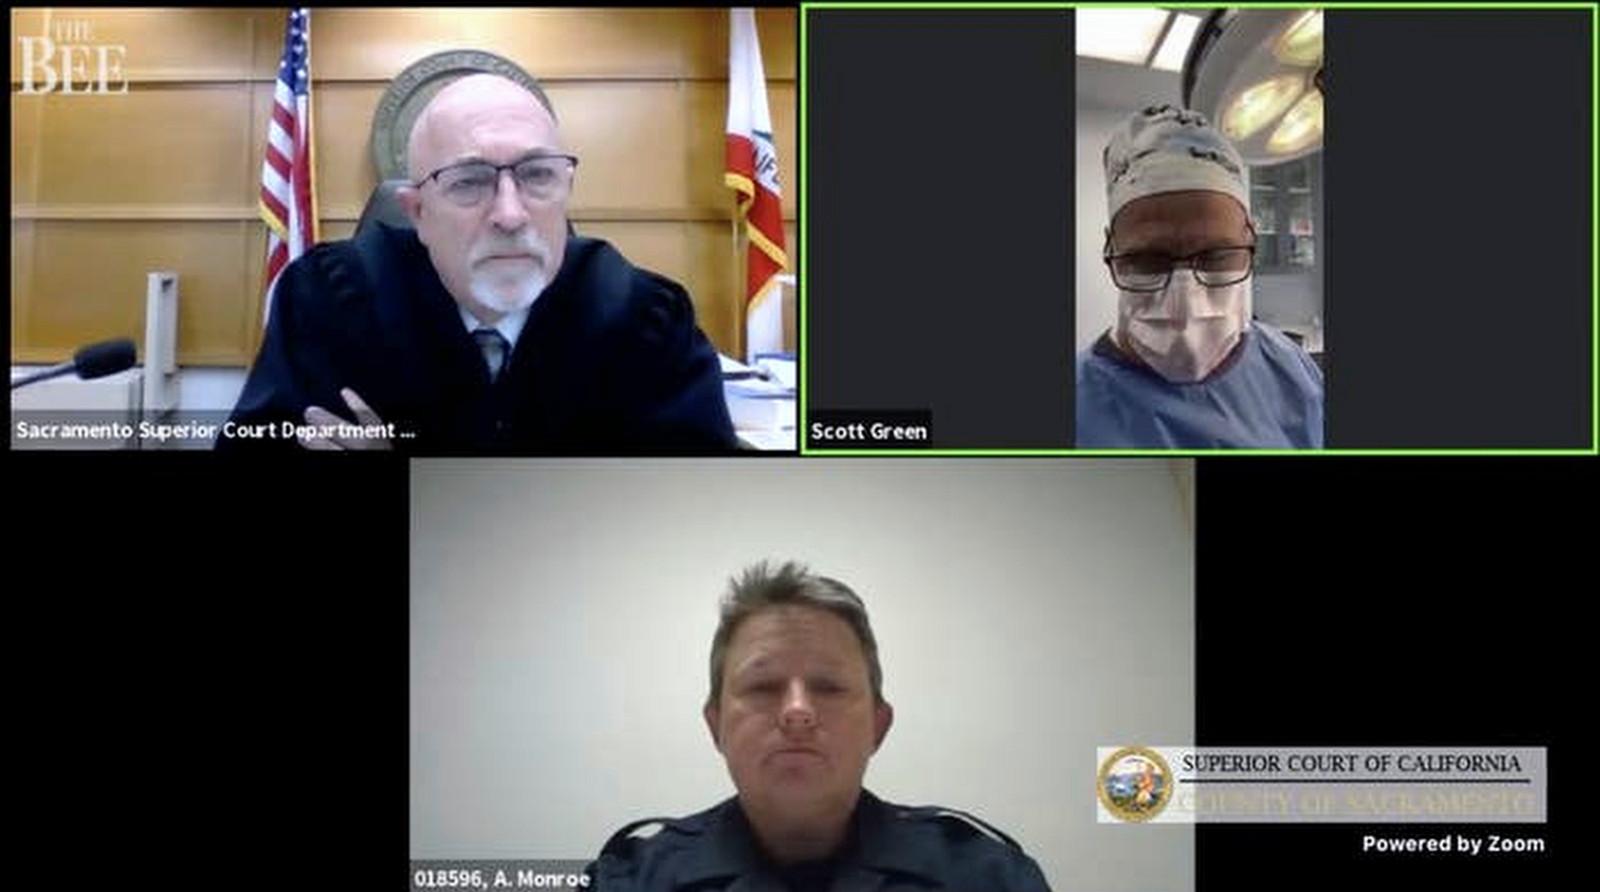 De zoom-meeting met Dr. Scott Green (rechtsboven) en de rechtbank in Sacramento.